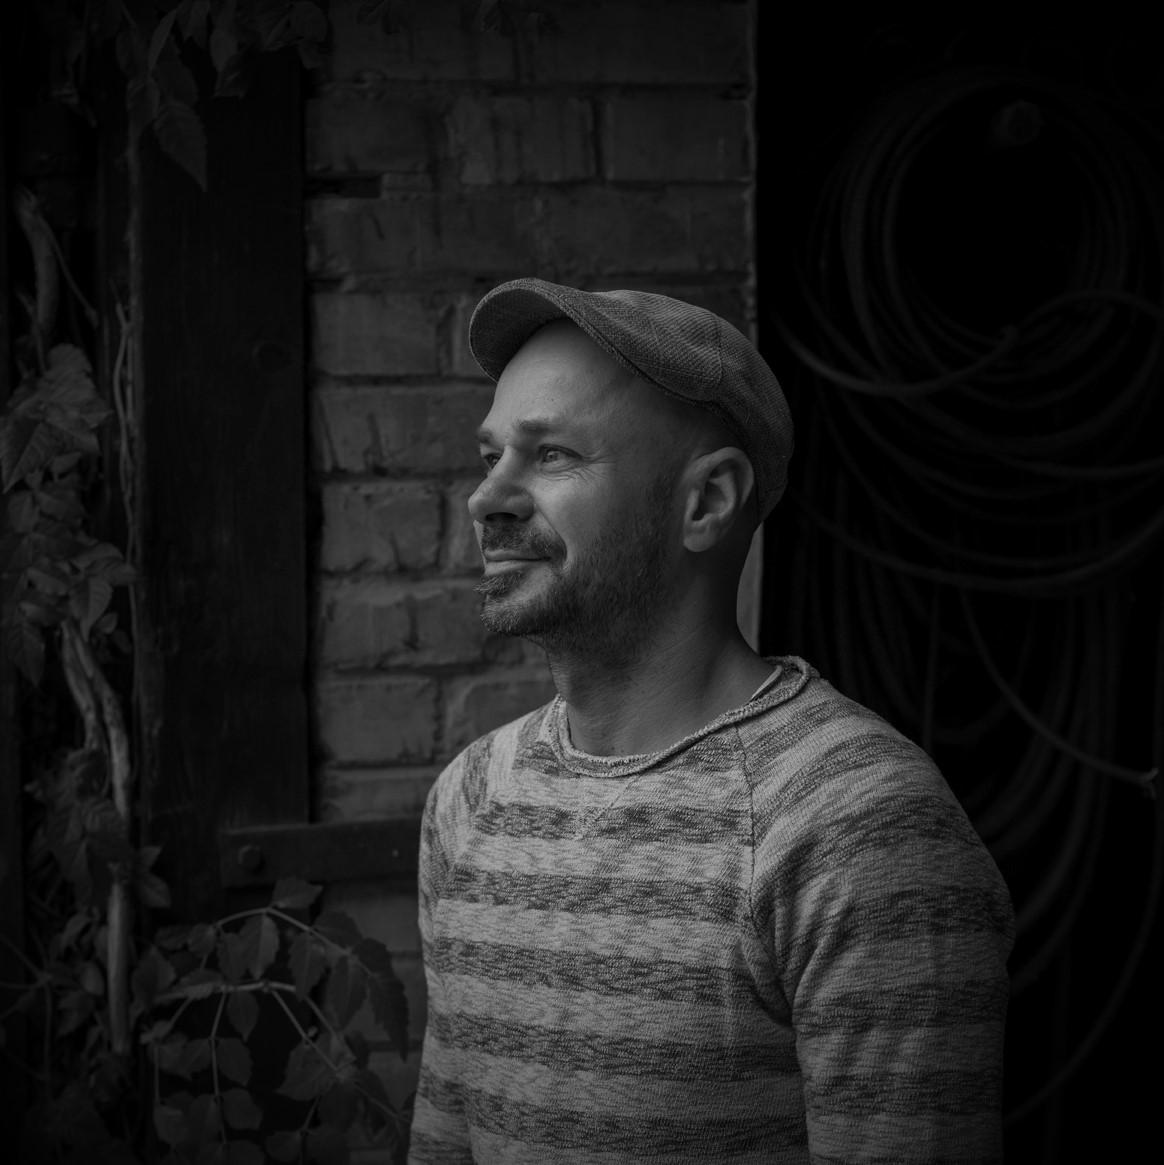 Andreas Gugumuck Betreiber der Weinbergschnecken-Manufaktur Gugumuck auf einer Stadtlandwirtschaft, Engagement, Ausdauer nicht nur beim Boxen, der innovativste Jungbauer Europas, einfach ein Schneckenkönig